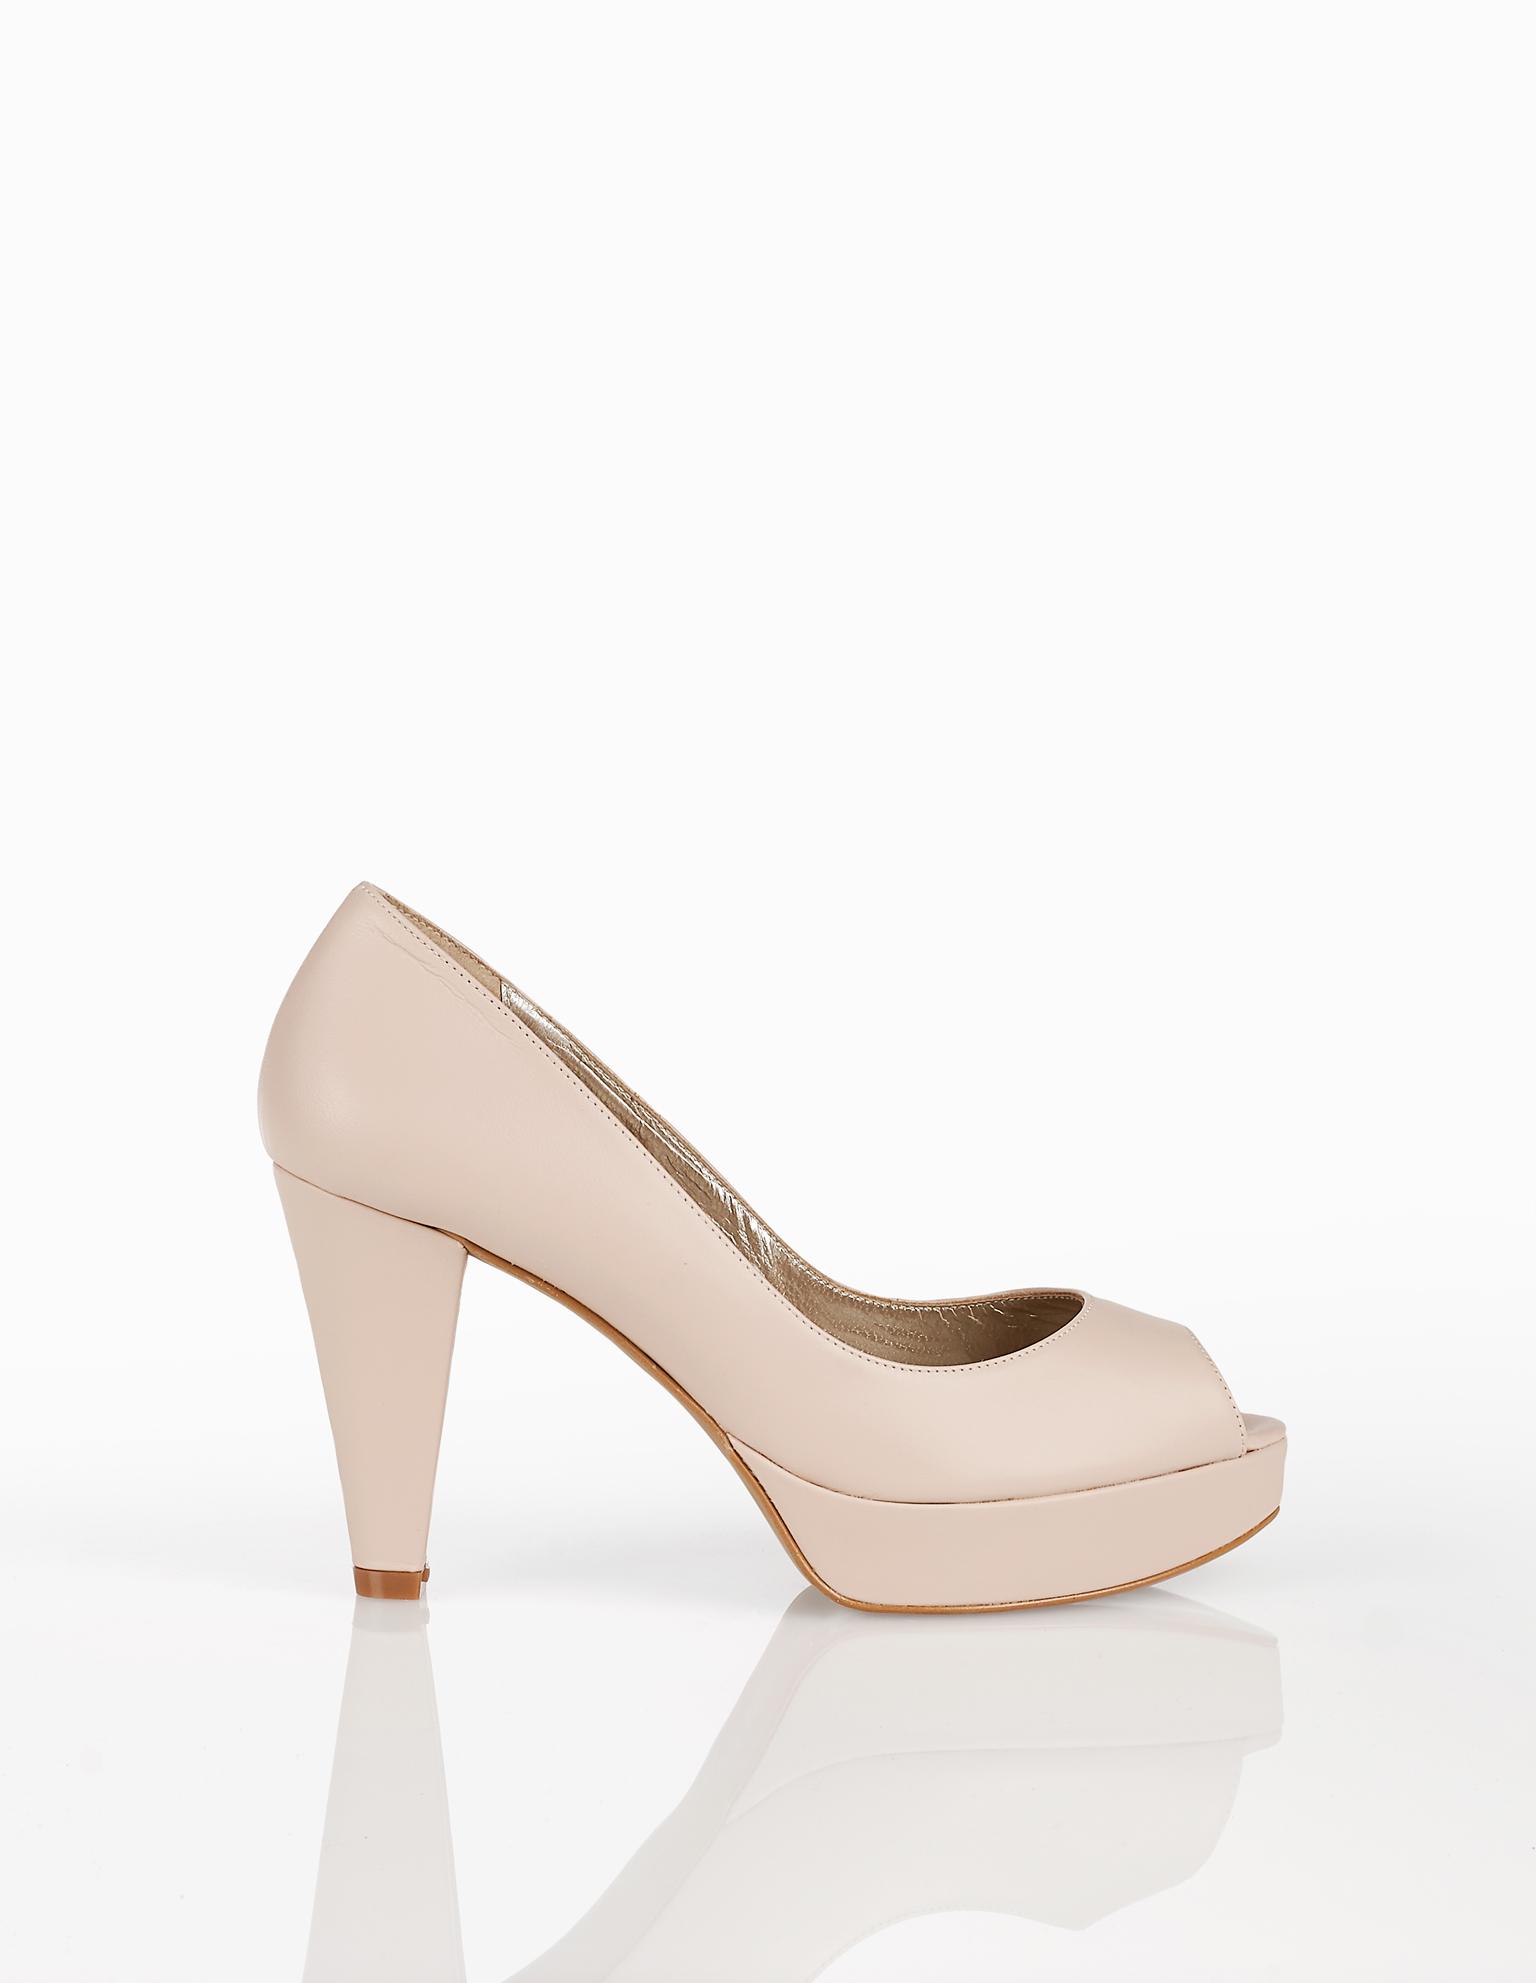 Sapatos de noiva estilo peeptoe de pele, com plataforma e salto alto, disponíveis em cor natural, prateado, nude e dourado. Coleção AIRE BARCELONA 2018.